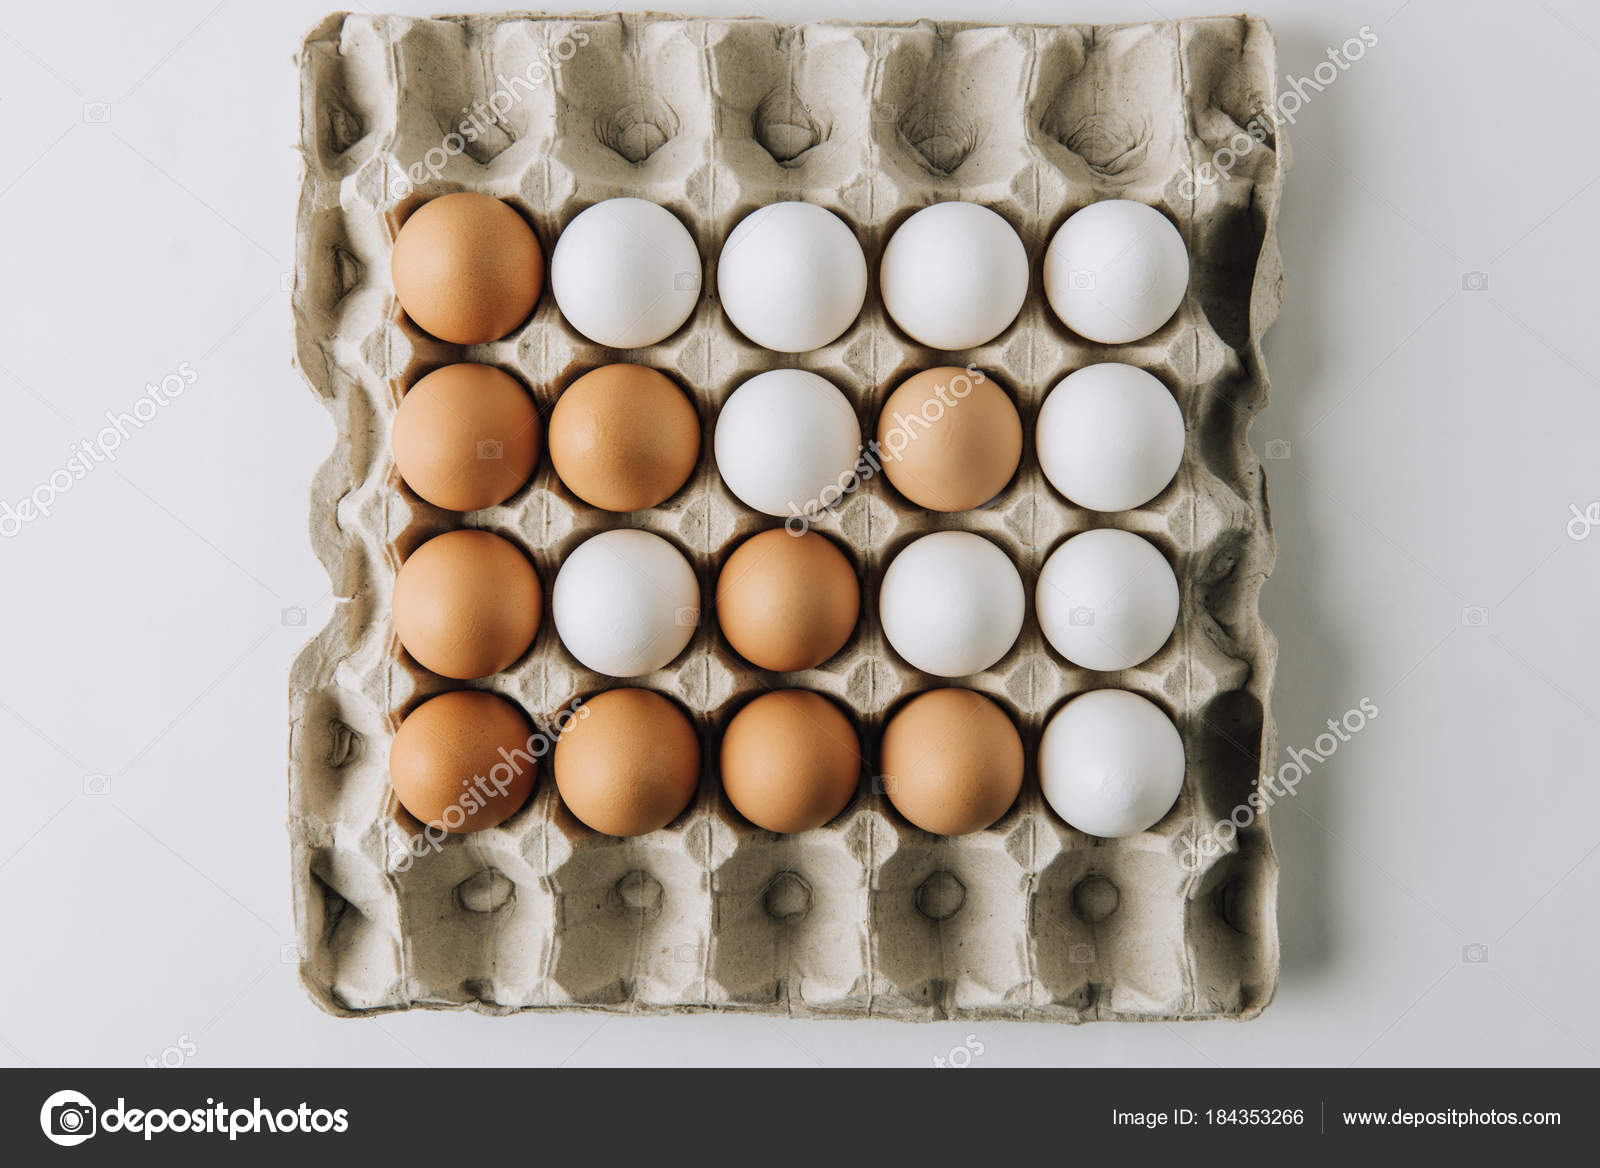 White Brown Eggs Laying Egg Carton White